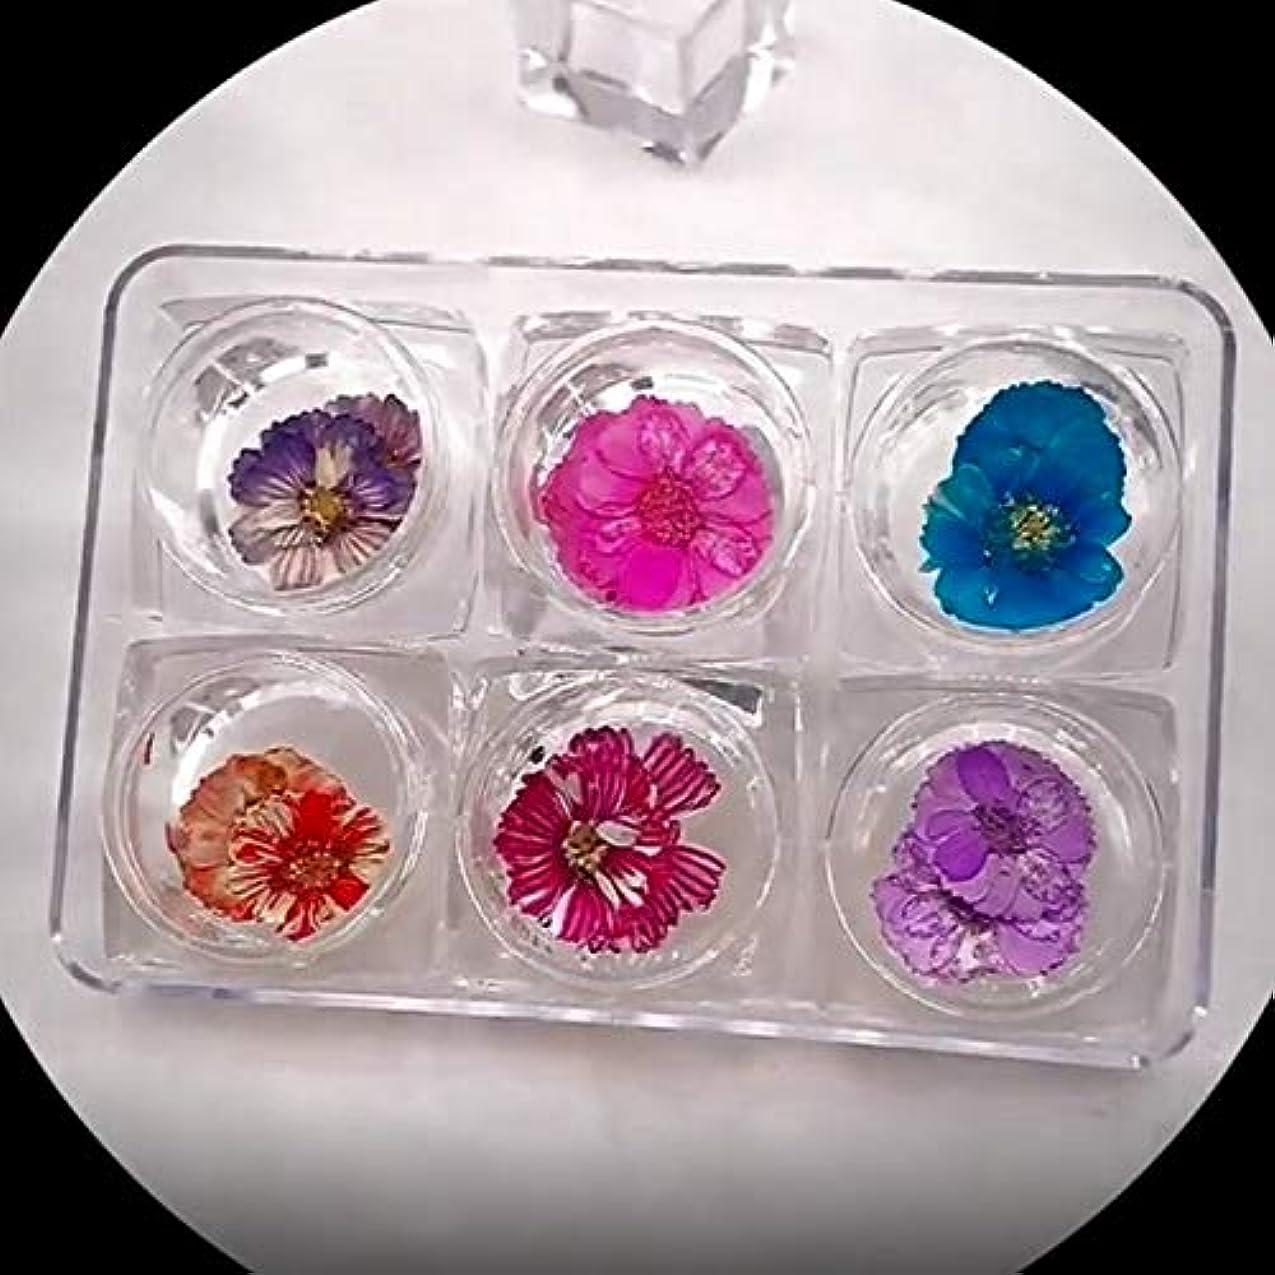 とティーム邪魔世論調査Yoshilimen ペレスレス6色ネイルアートアップリケジュエリーセット日本語乾燥花花びら永遠の花の結晶装飾(None Picture Color)